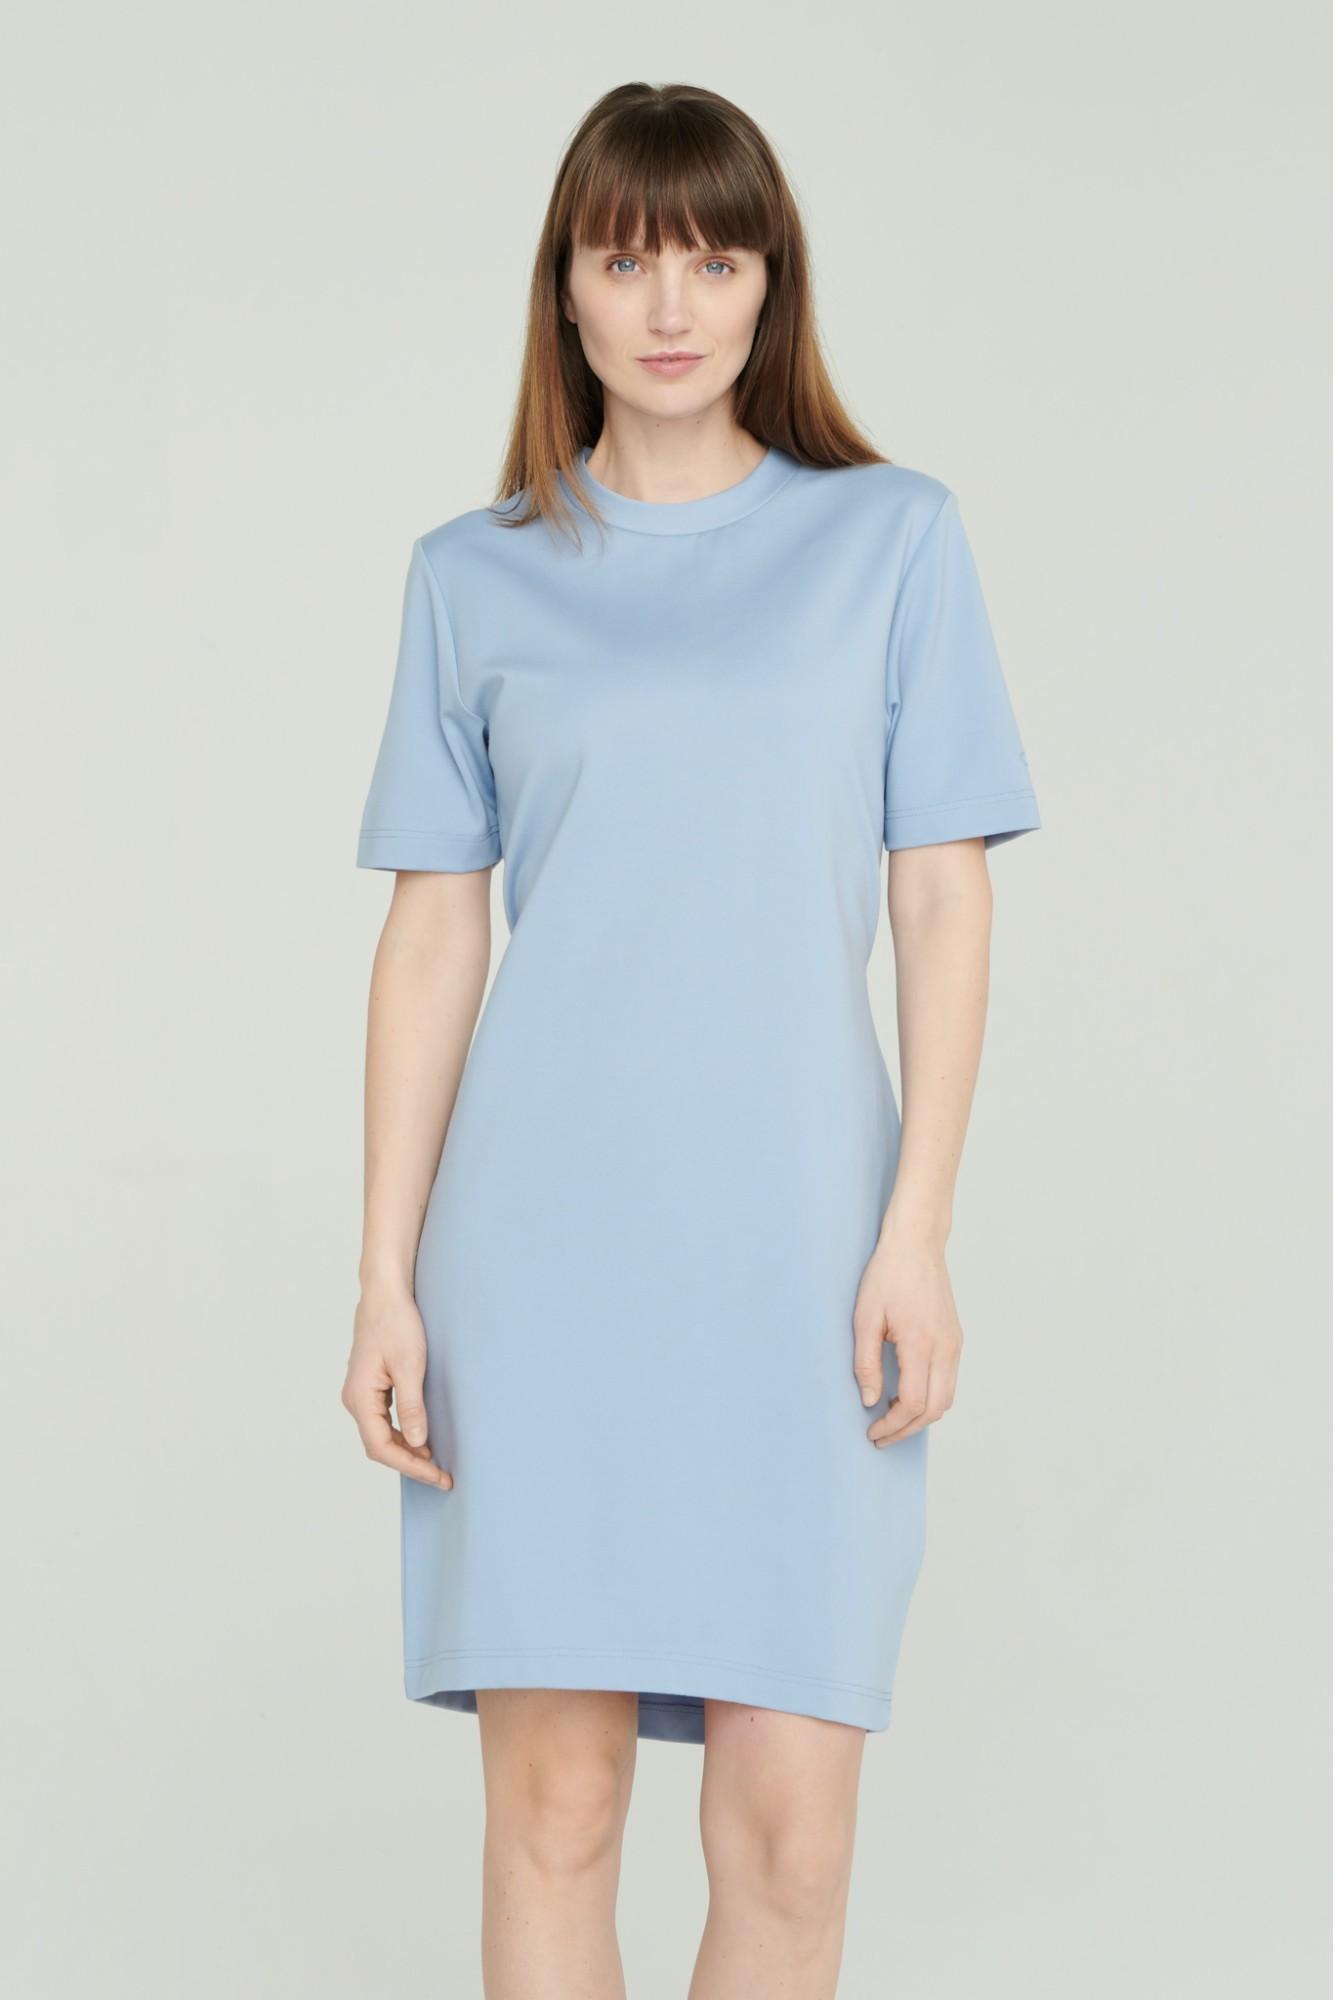 AUDIMAS Tampri suknelė trumpomis rankov. 2111-173 Forever Blue S